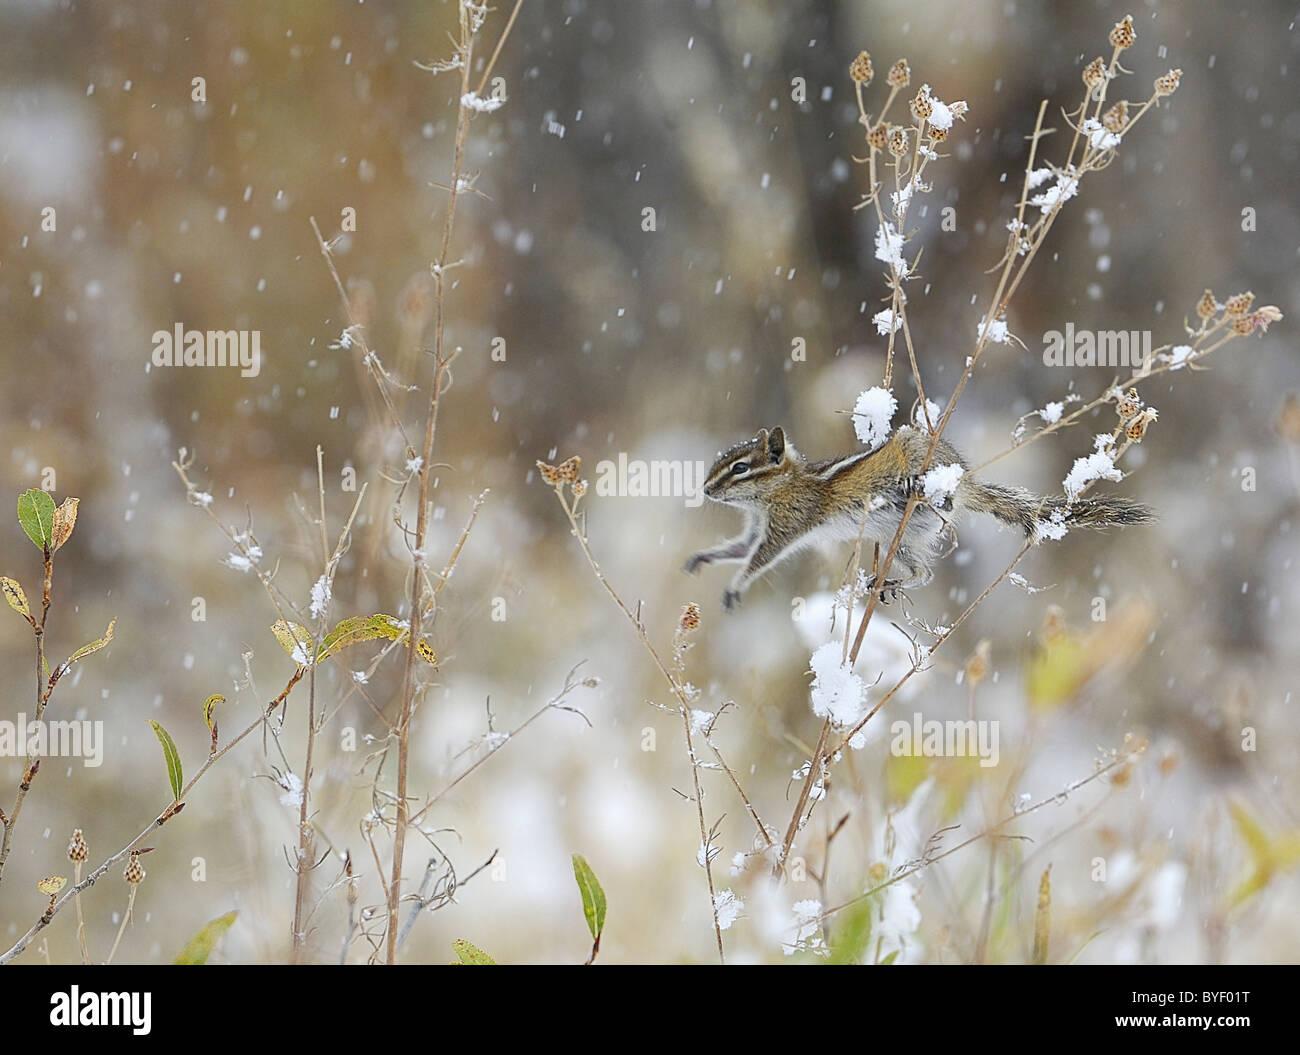 Le tamia mineur jumping tiges dans les buissons bas durant une tempête de neige. Photo Stock